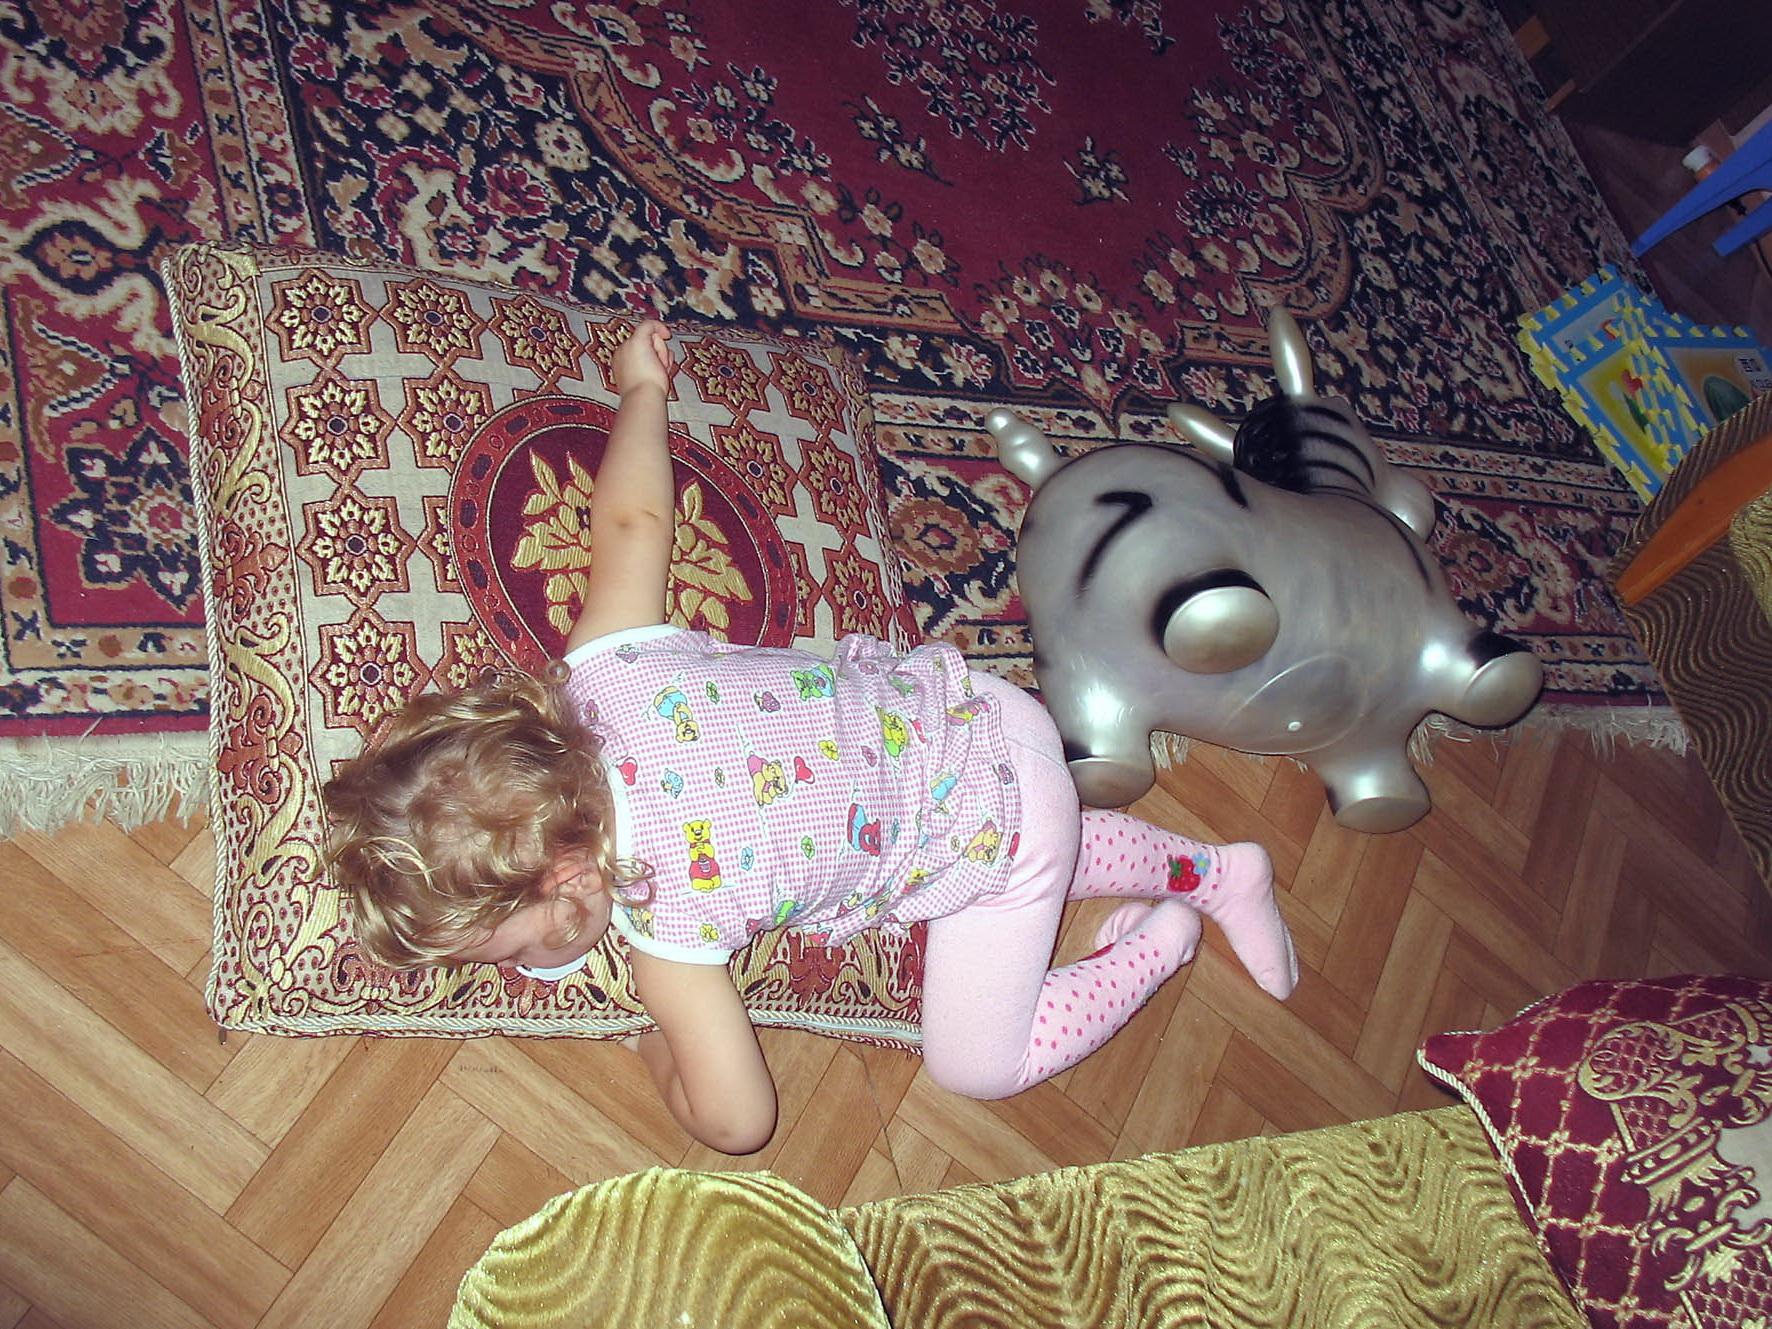 Утомилась. И коня уработала. Спокойной ночи! Кто спит слаще всего?